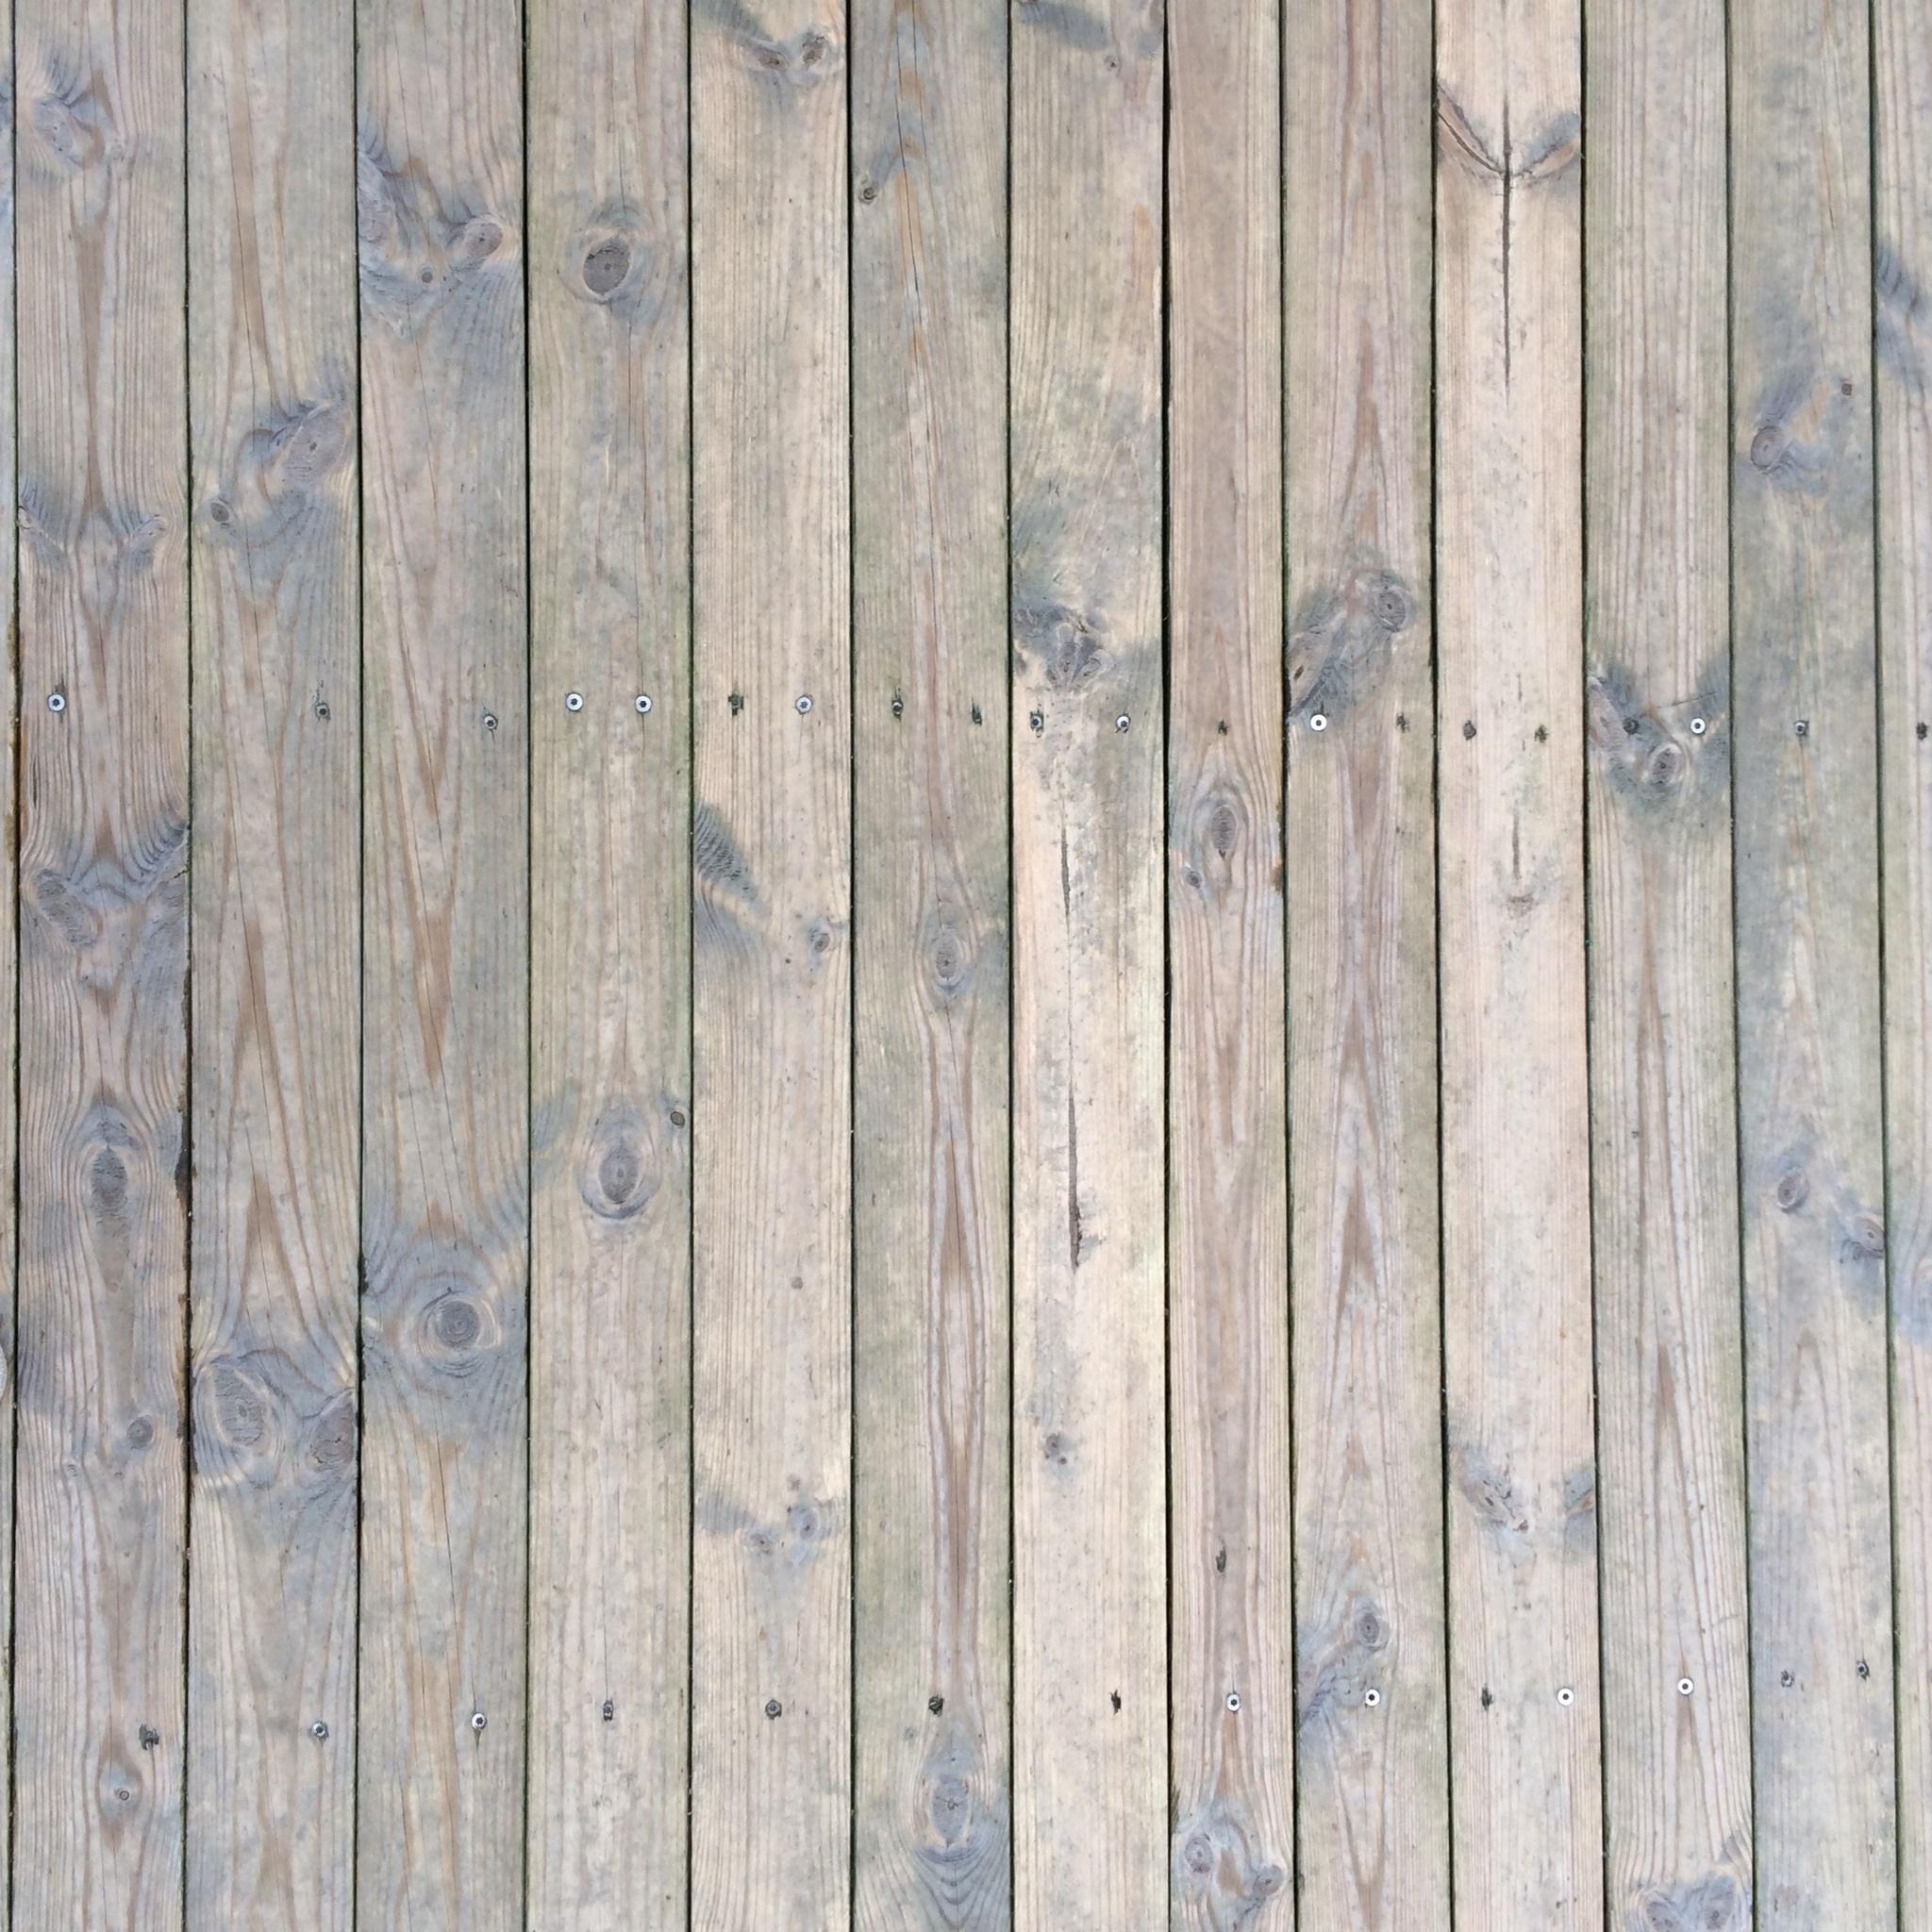 картинки : дерево, лодка, доска, стена, линия ...